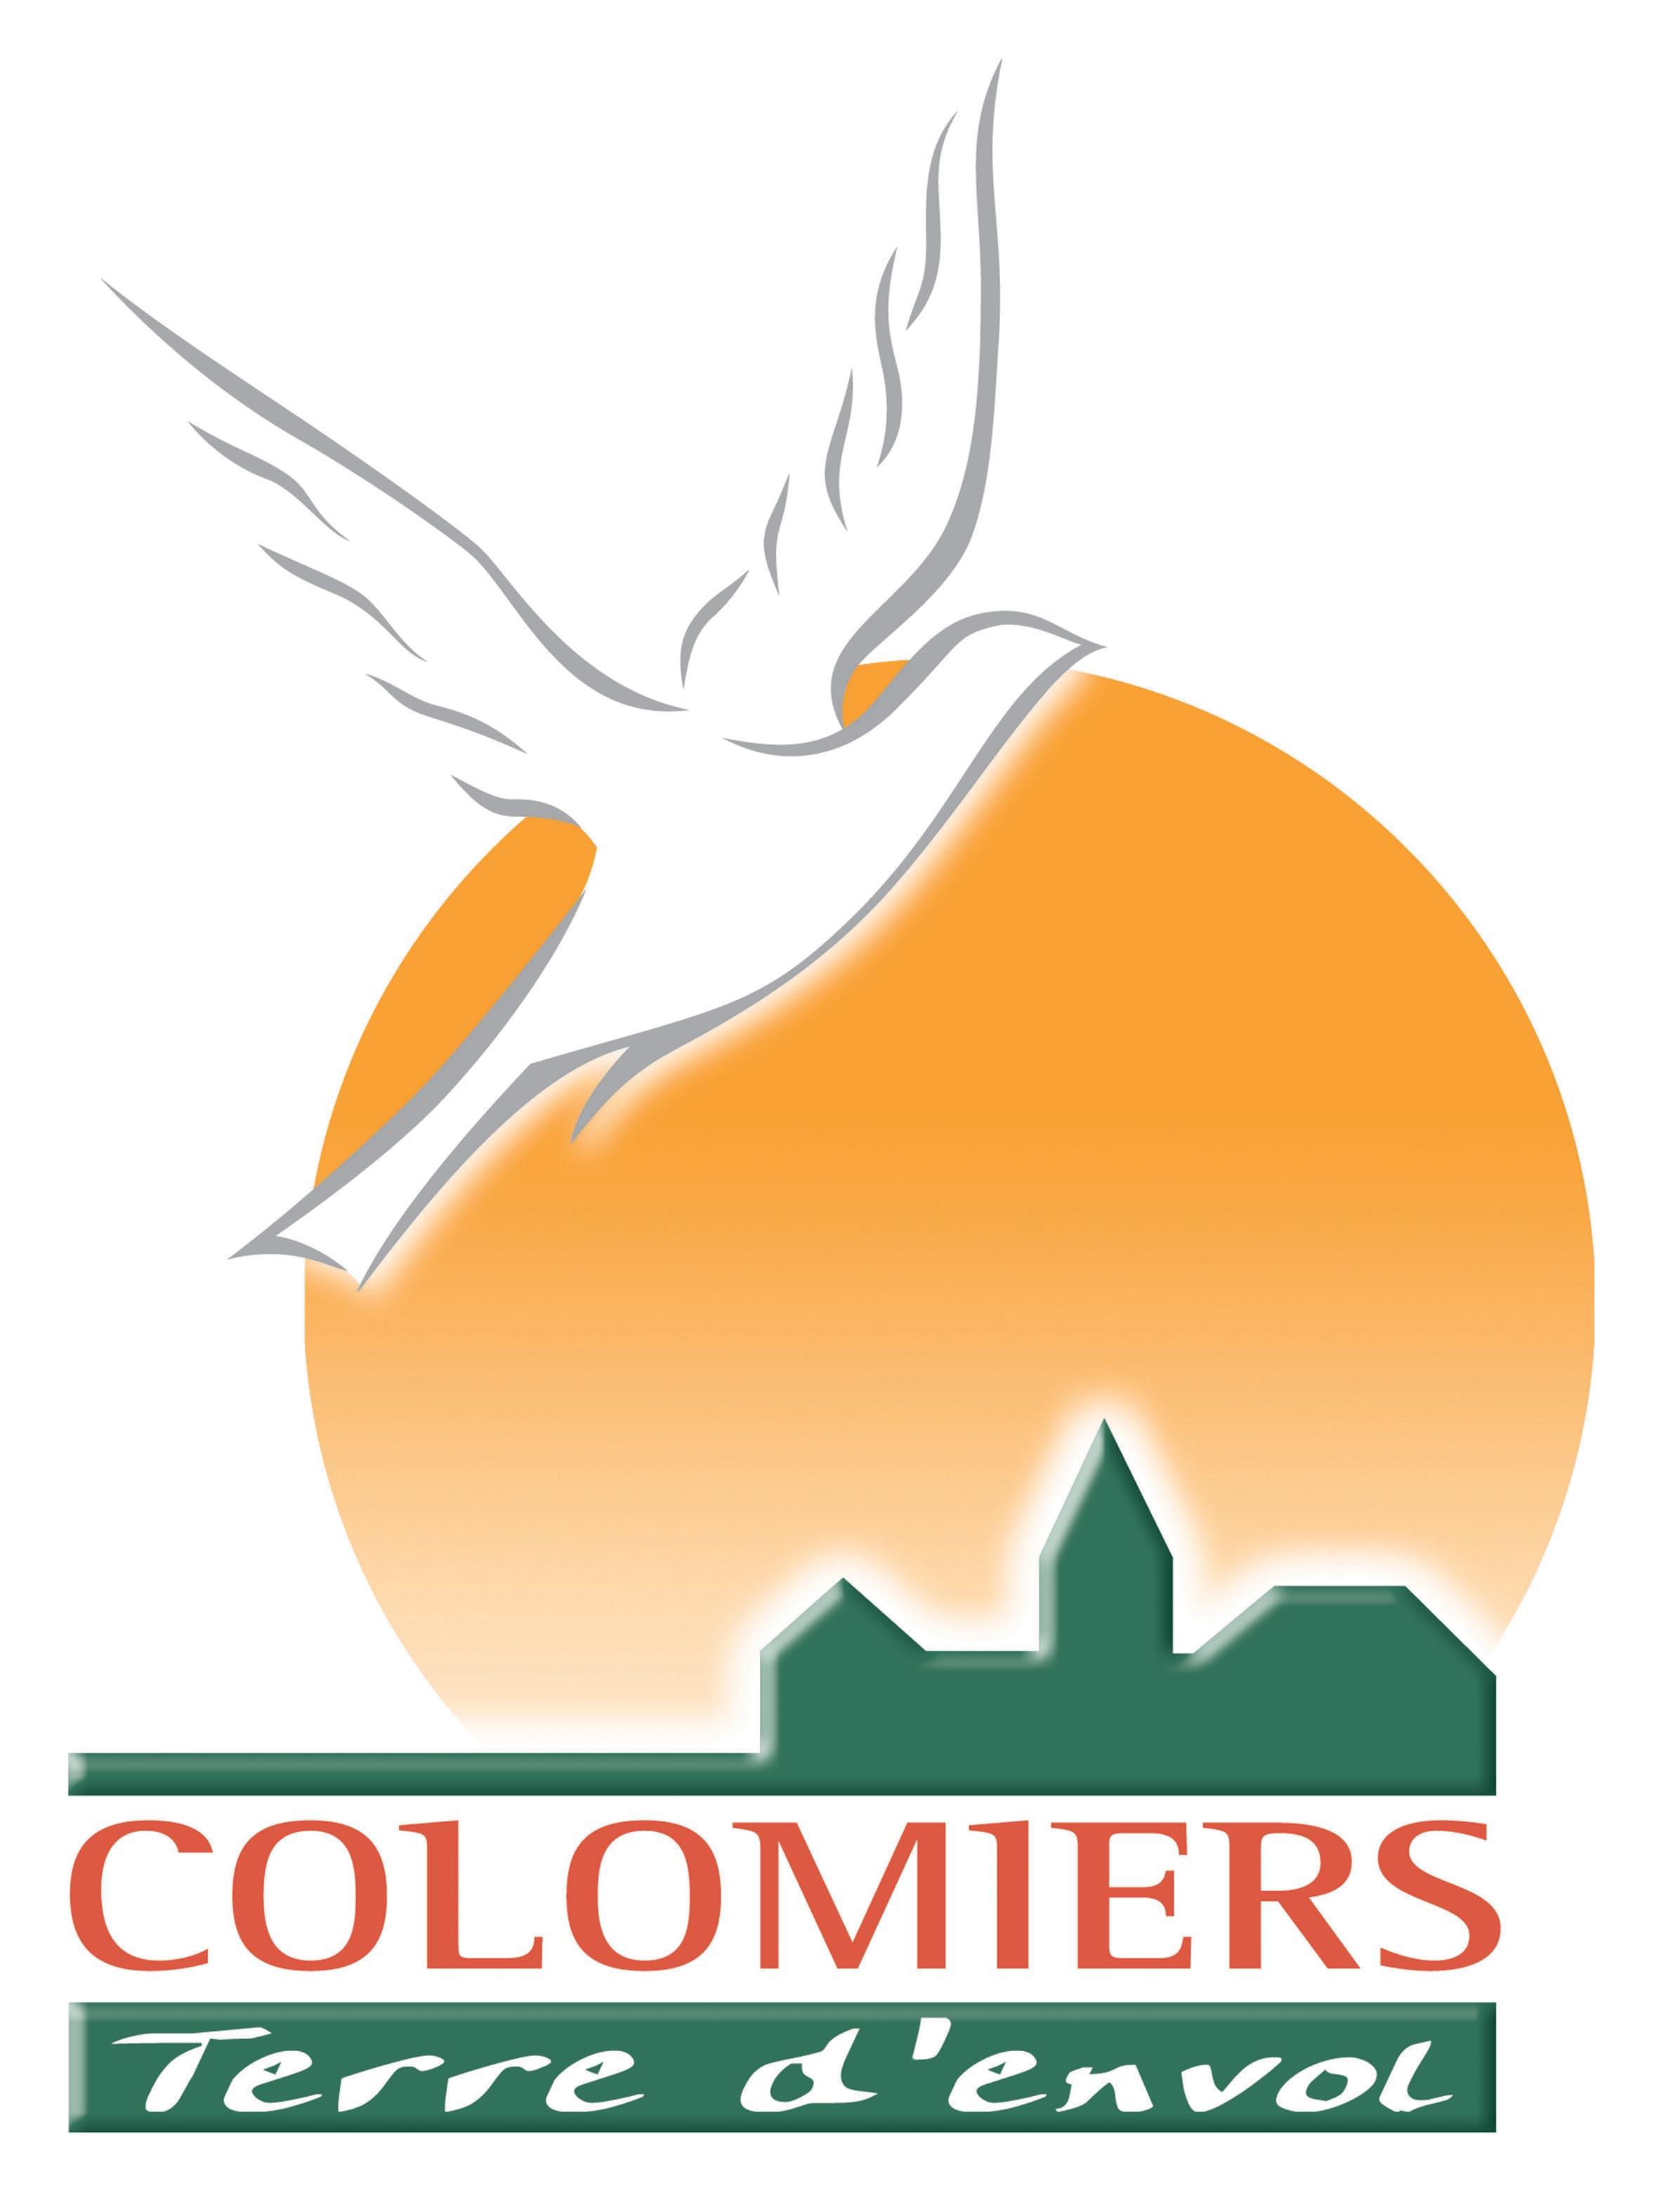 VILLE DE COLOMIERS